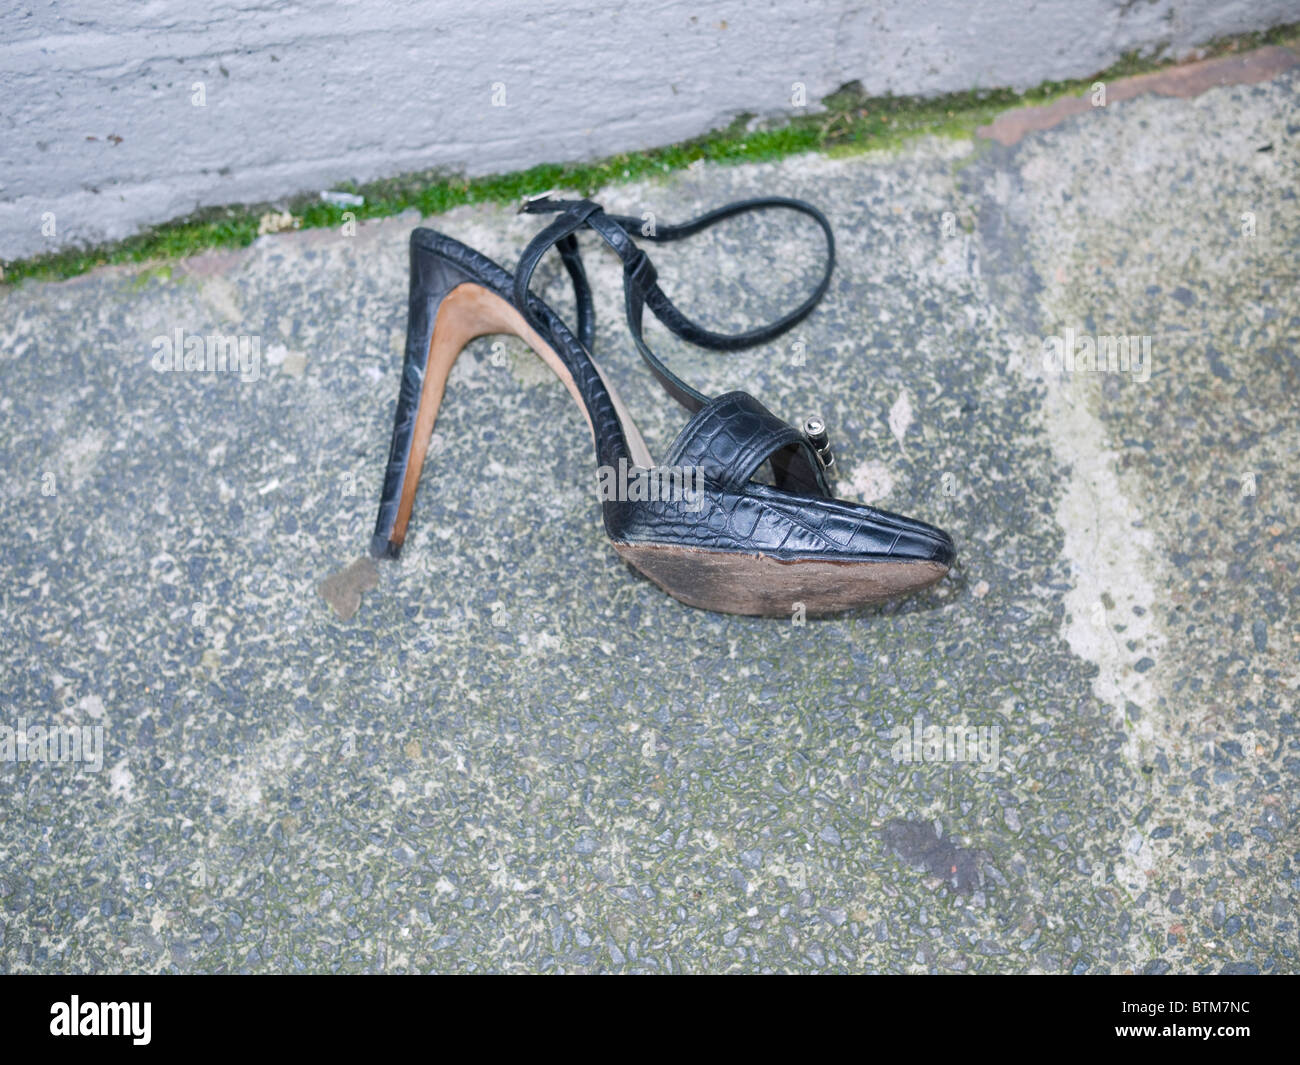 verlorene Womans high Heel Schuh auf Asphalt. Stockbild